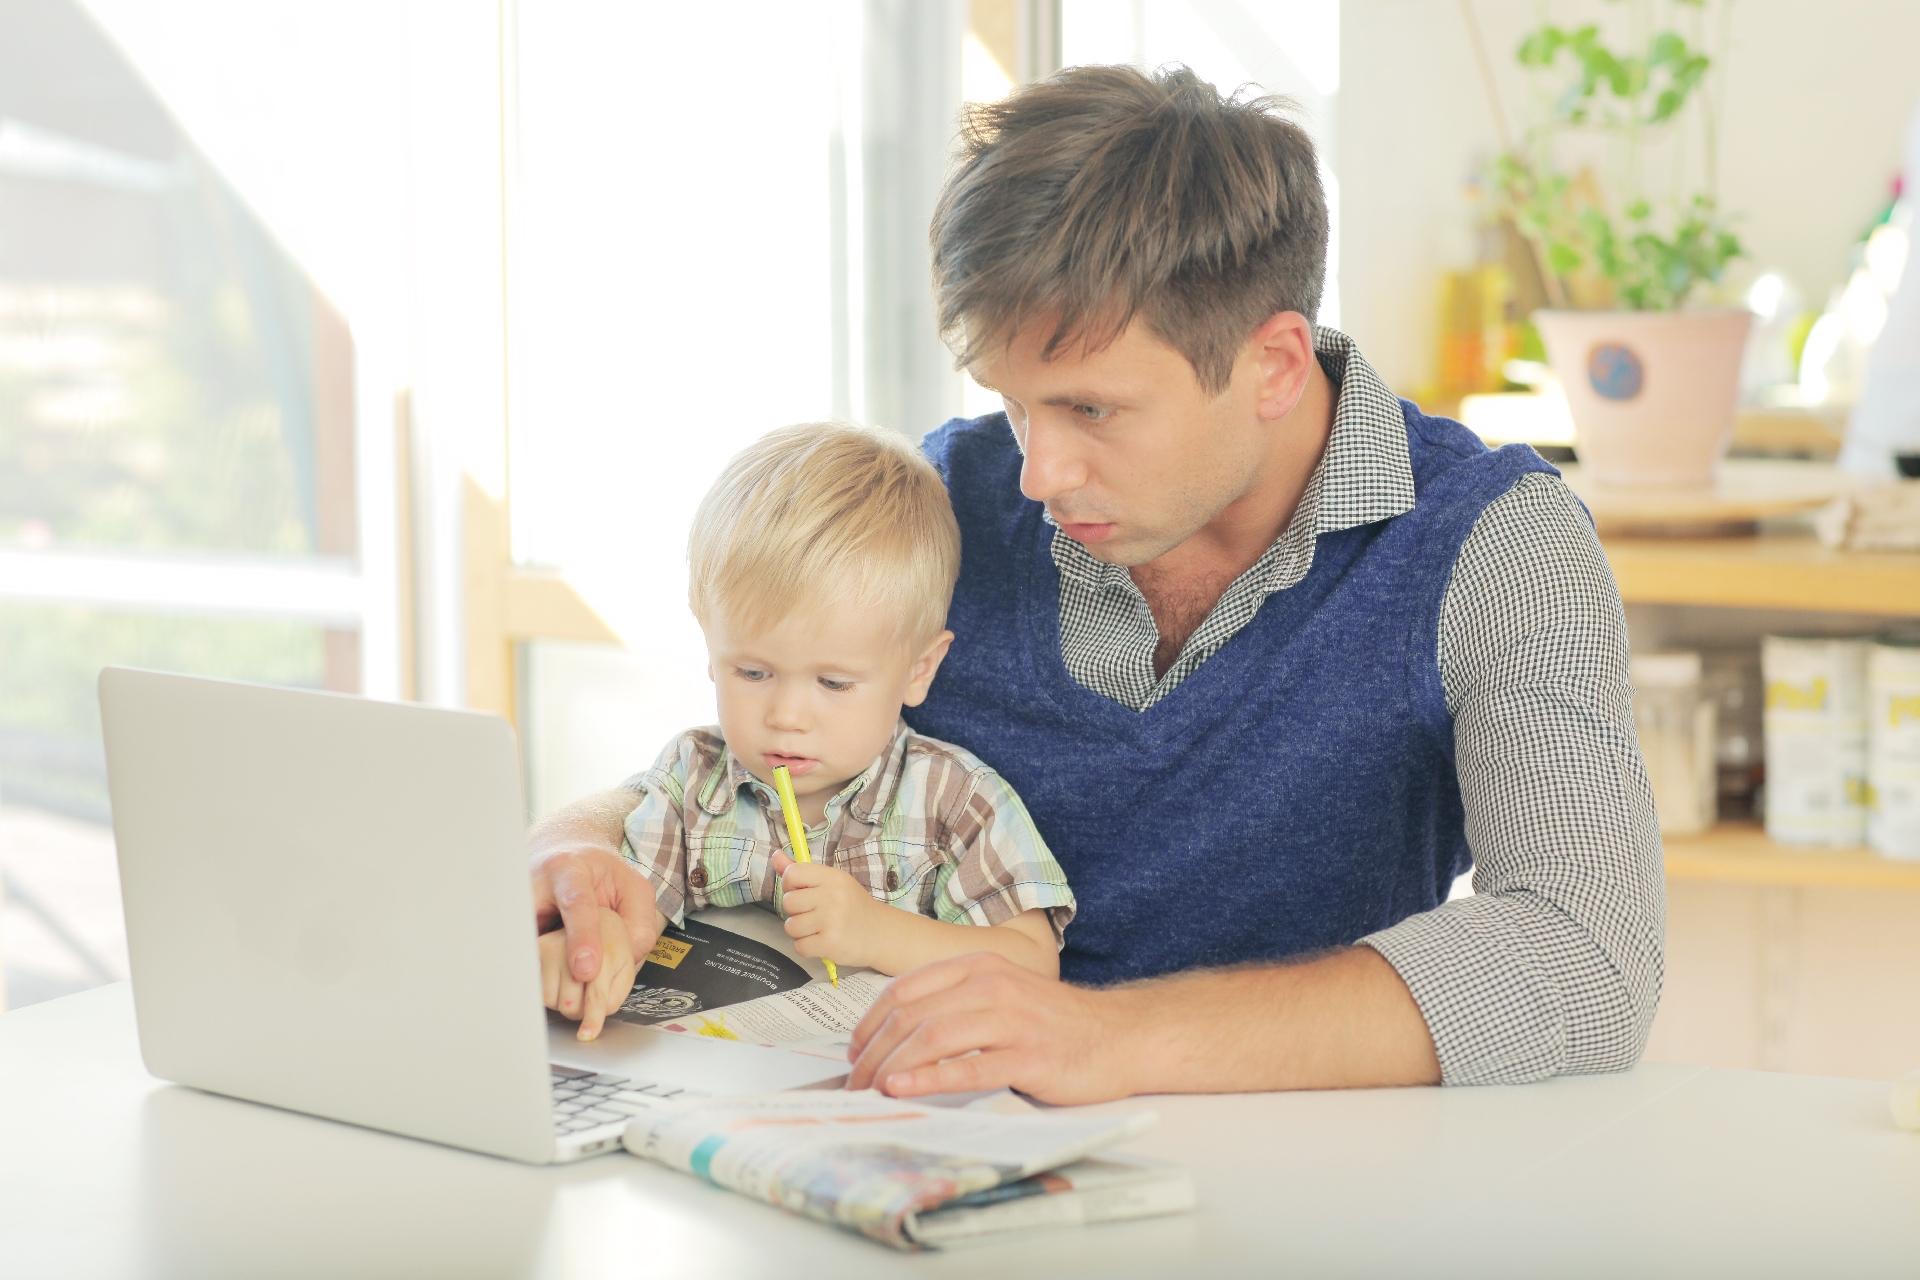 コープみらいが子育て割引サービスの幅が広げる 母子手帳が交付されていて小学生未満の子供を持つ家庭への配送料を無料に